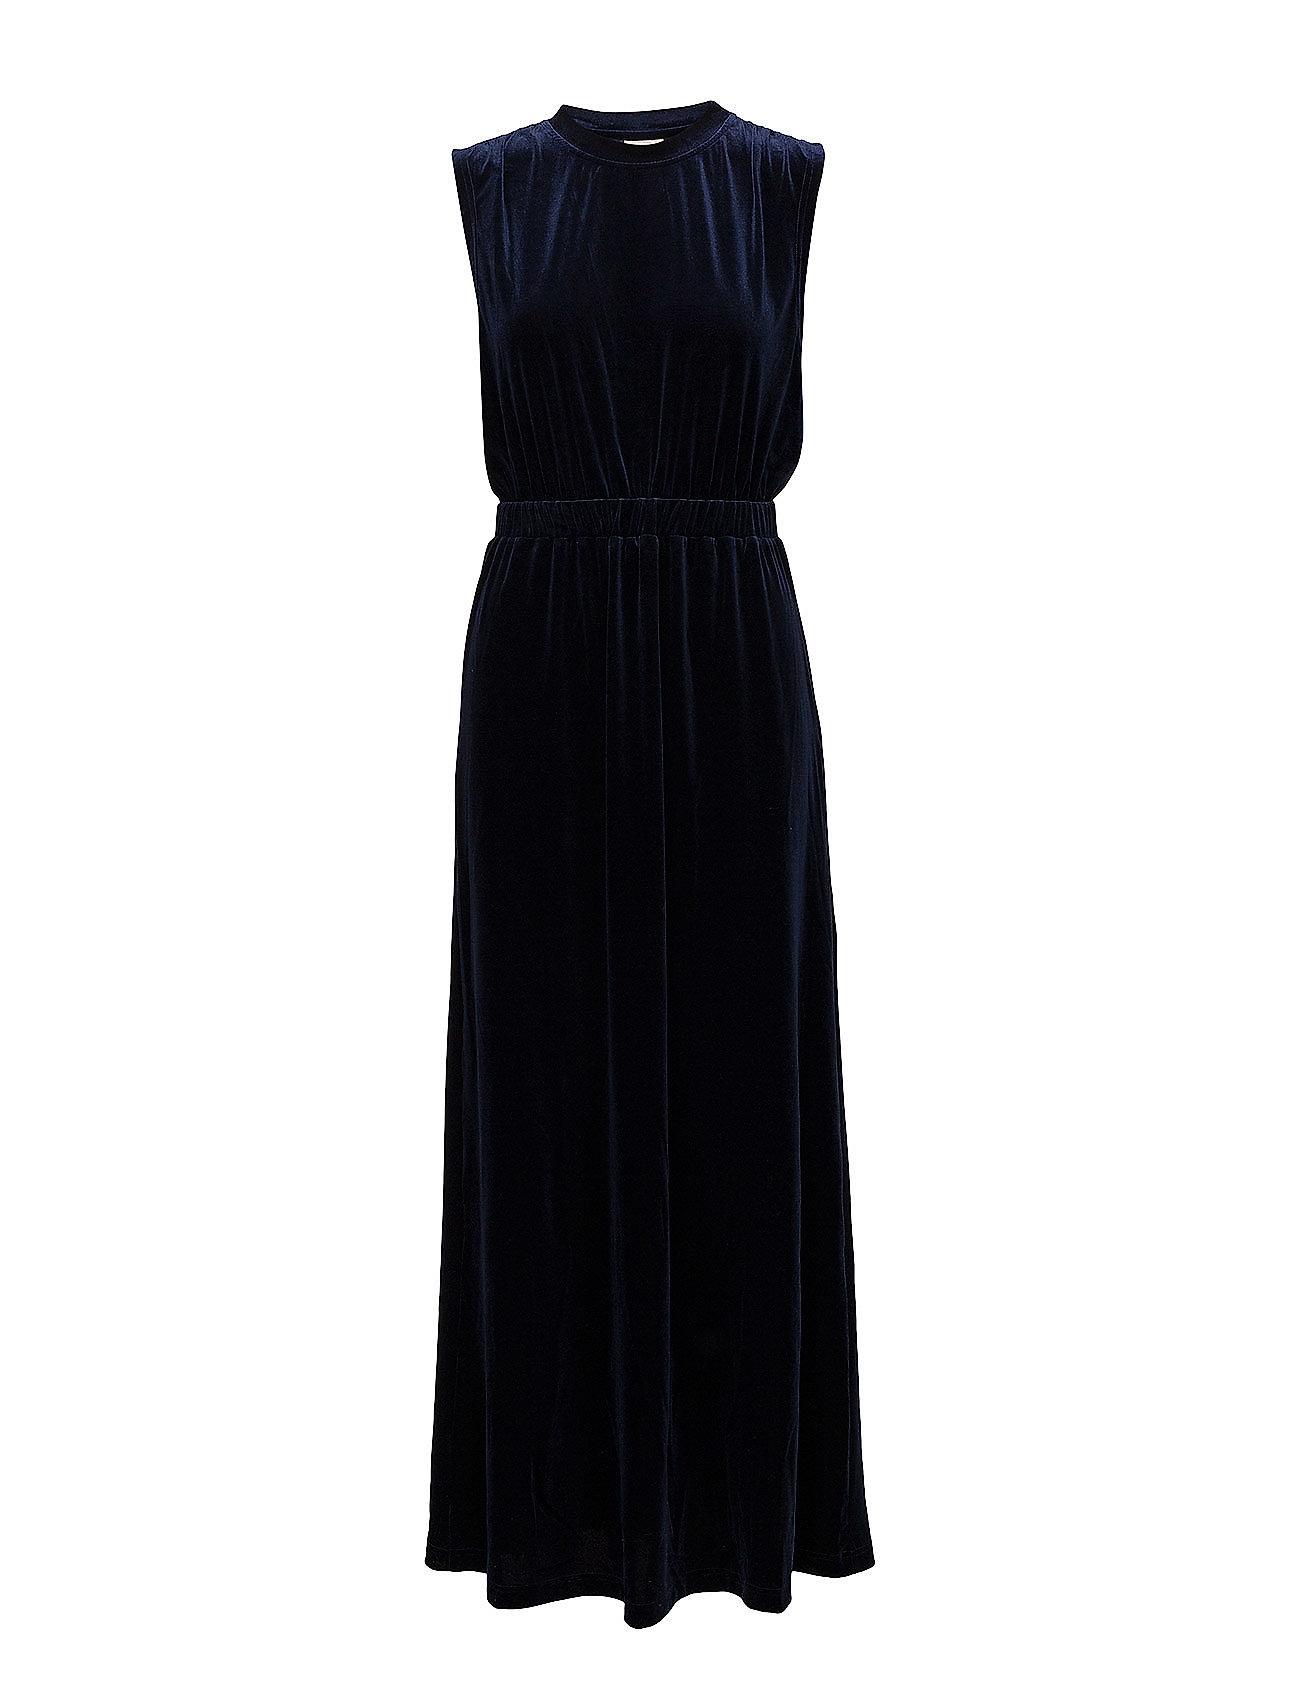 selected femme – Sftanne sl velvet maxi dress ofw på boozt.com dk